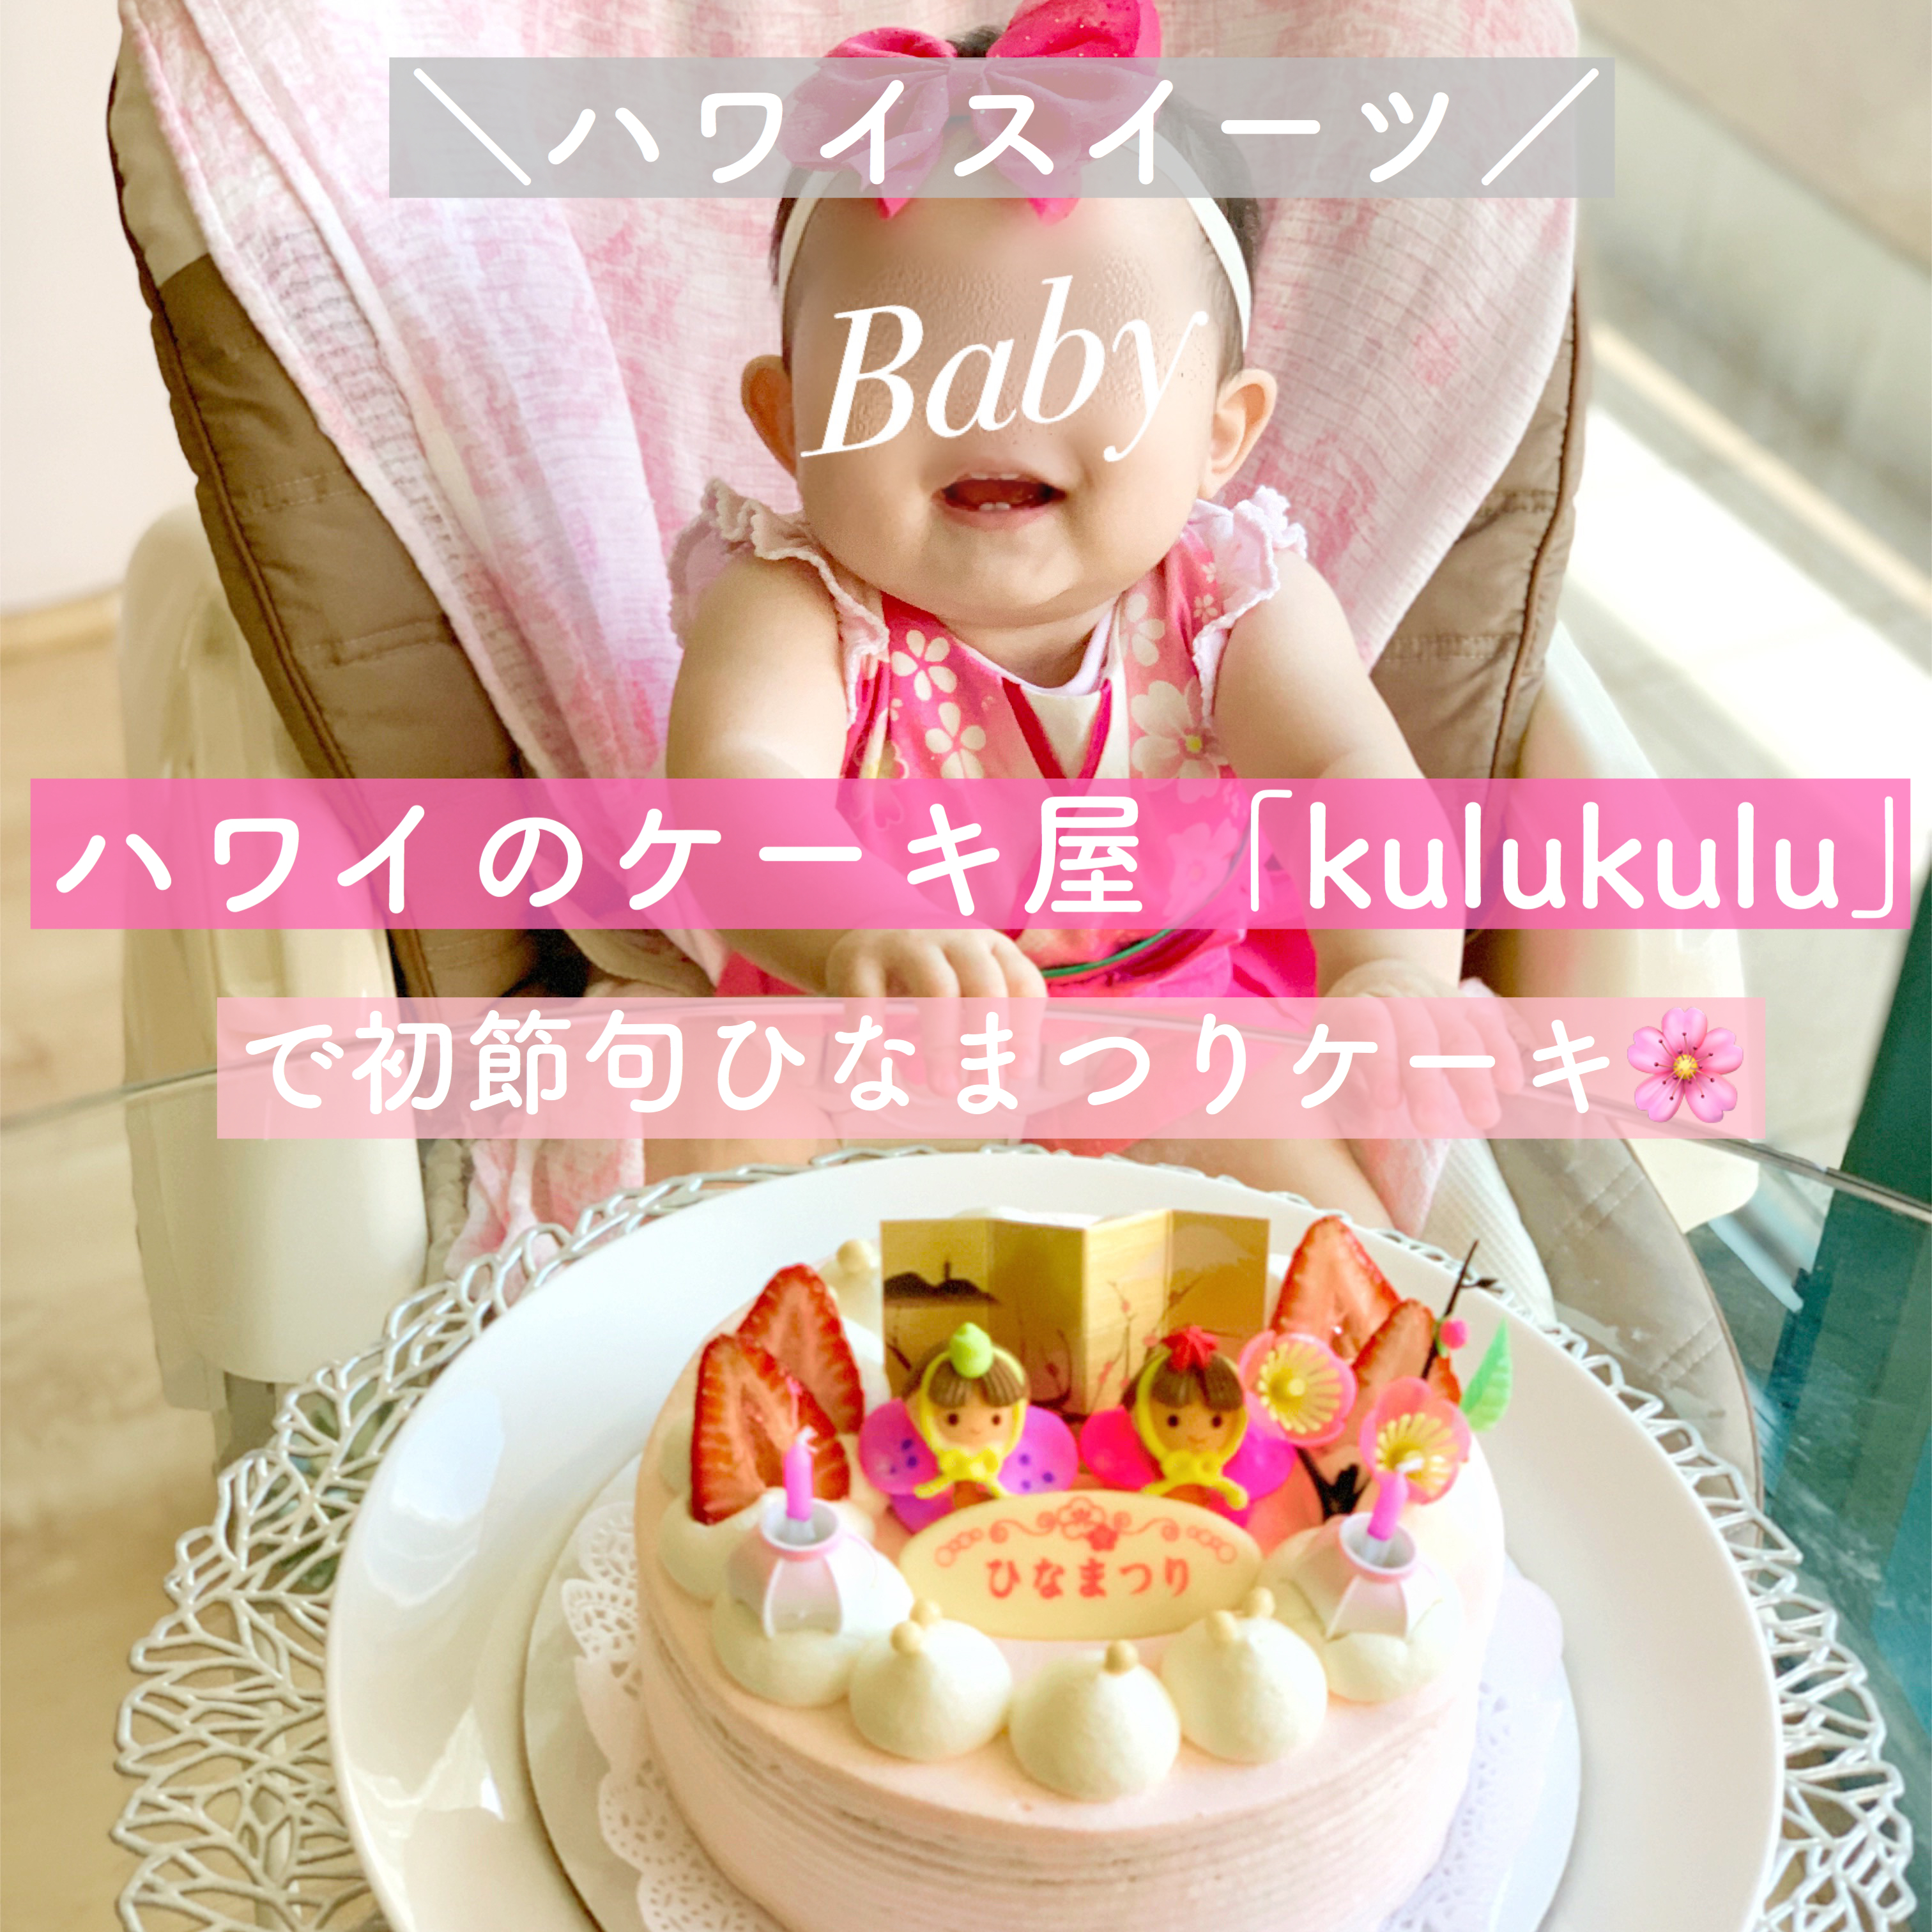 【ハワイ子育て】ハワイのケーキ屋「kulu kulu(クルクル)」で、娘の初節句ひな祭りケーキ